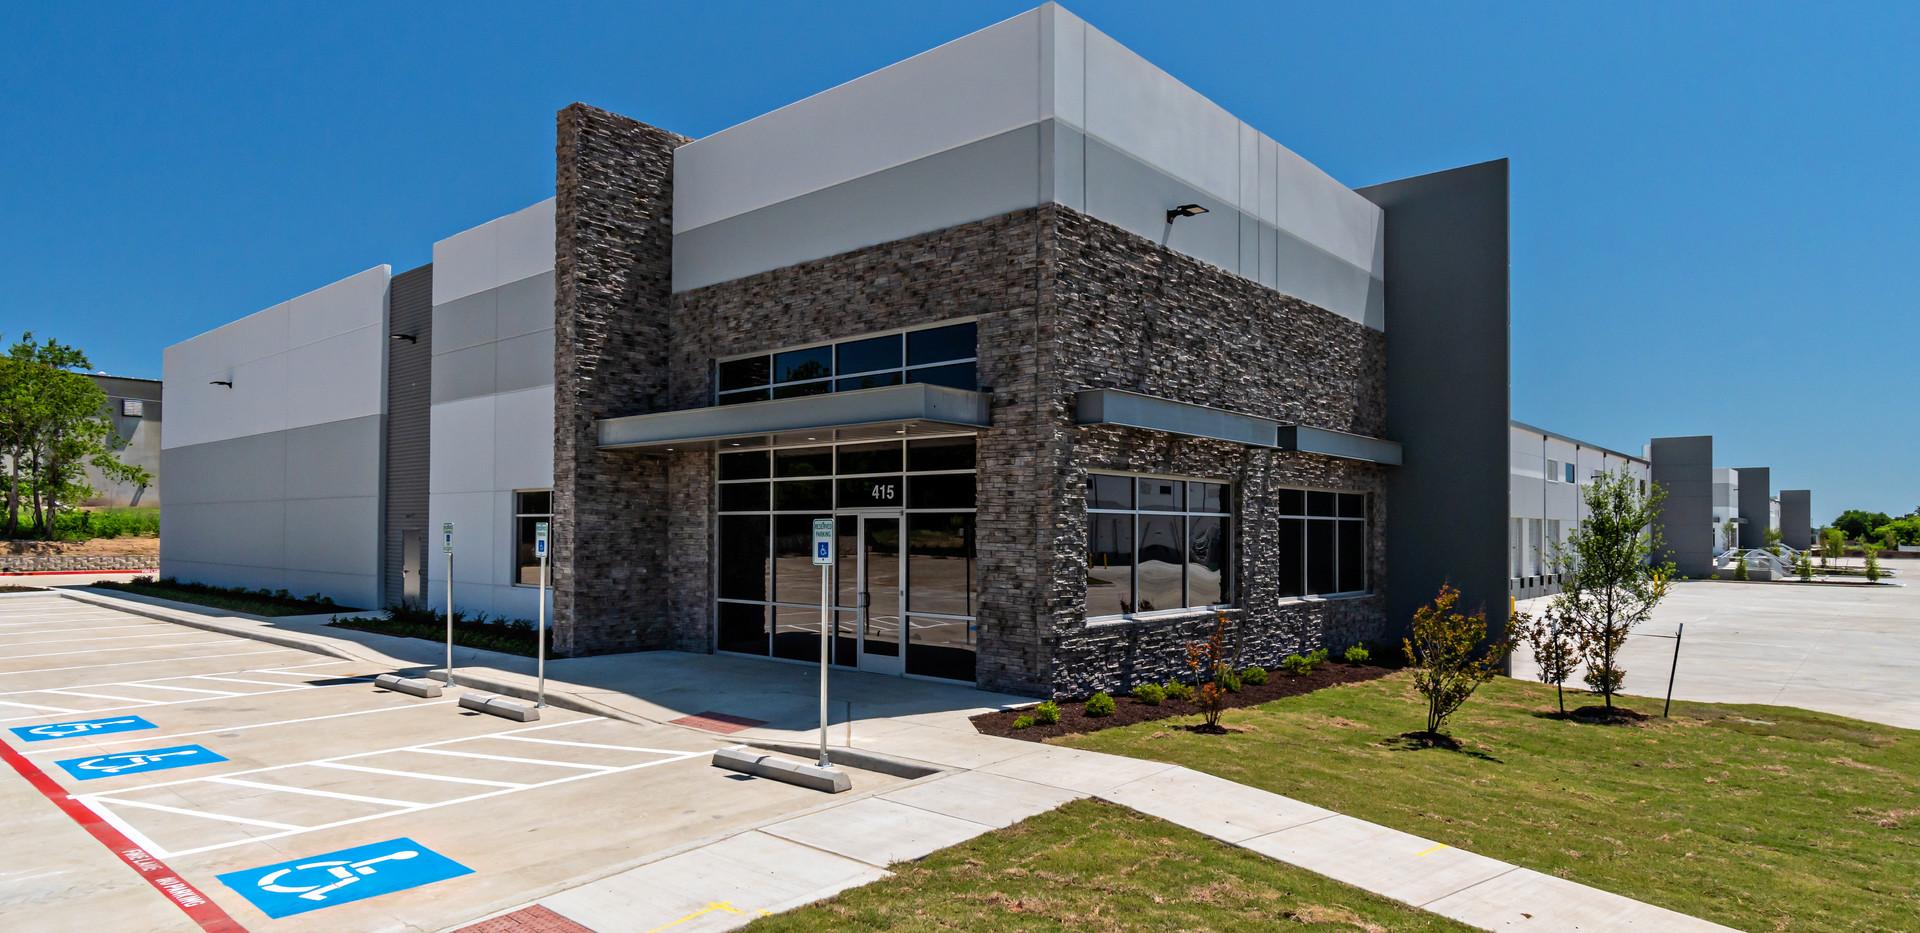 Southlake Business Park | Frank Dale Construction